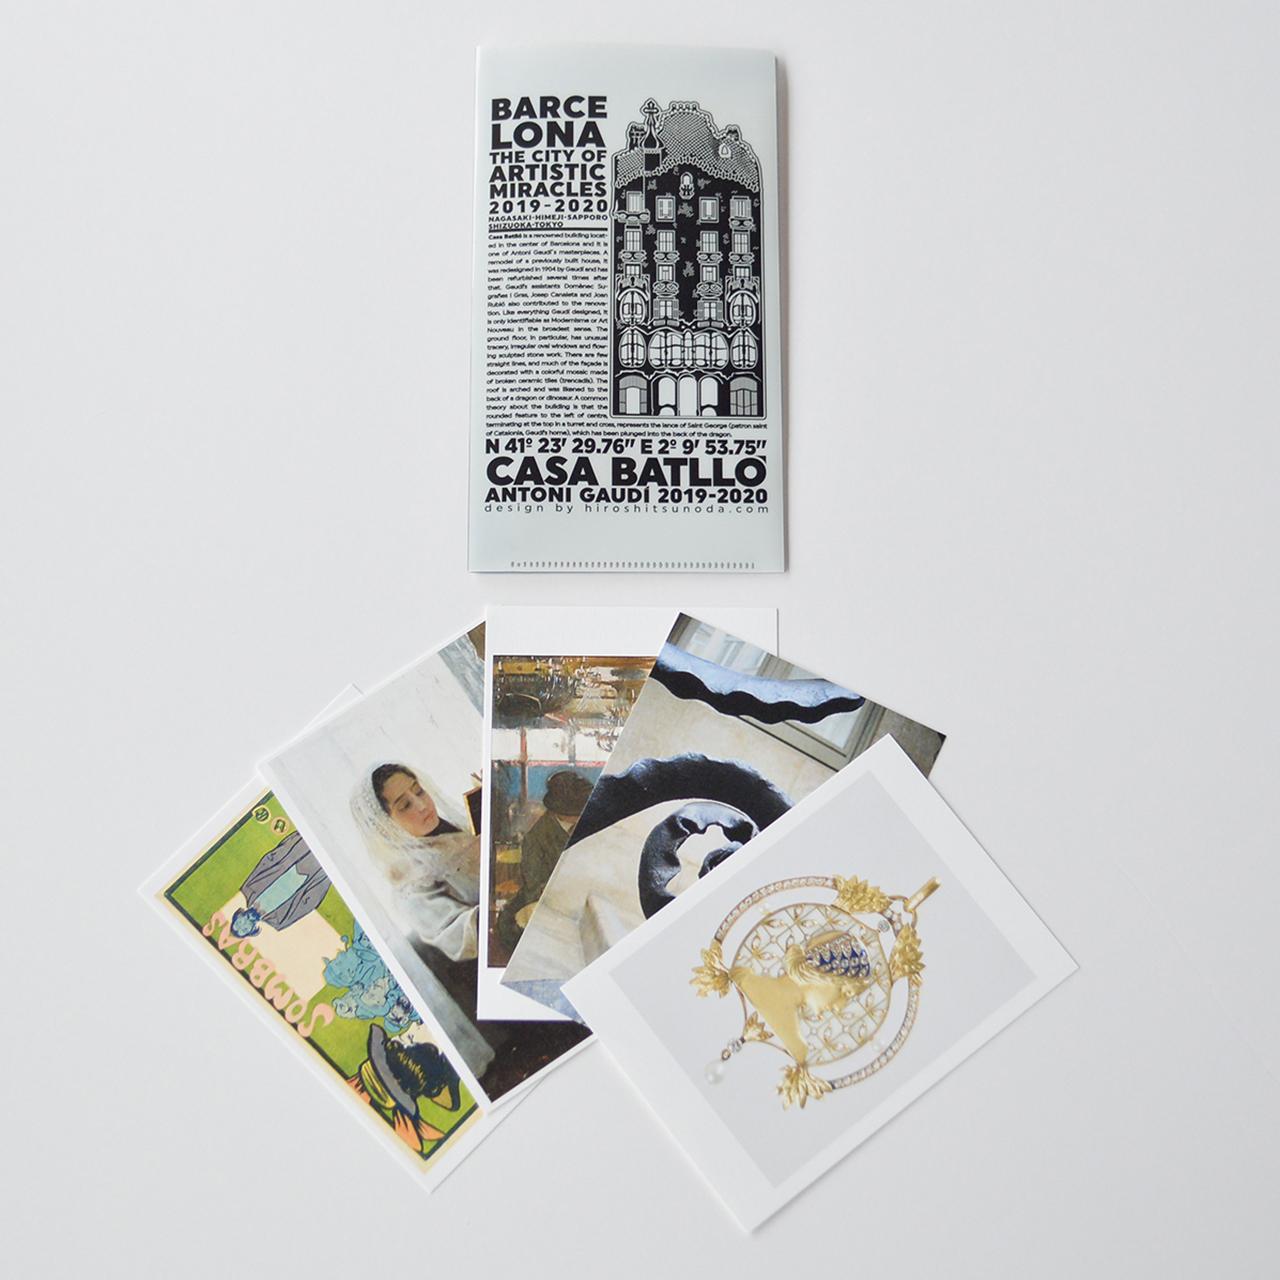 「奇蹟の芸術都市 バルセロナ」展 チケットフォルダー / ポストカード5枚セットC